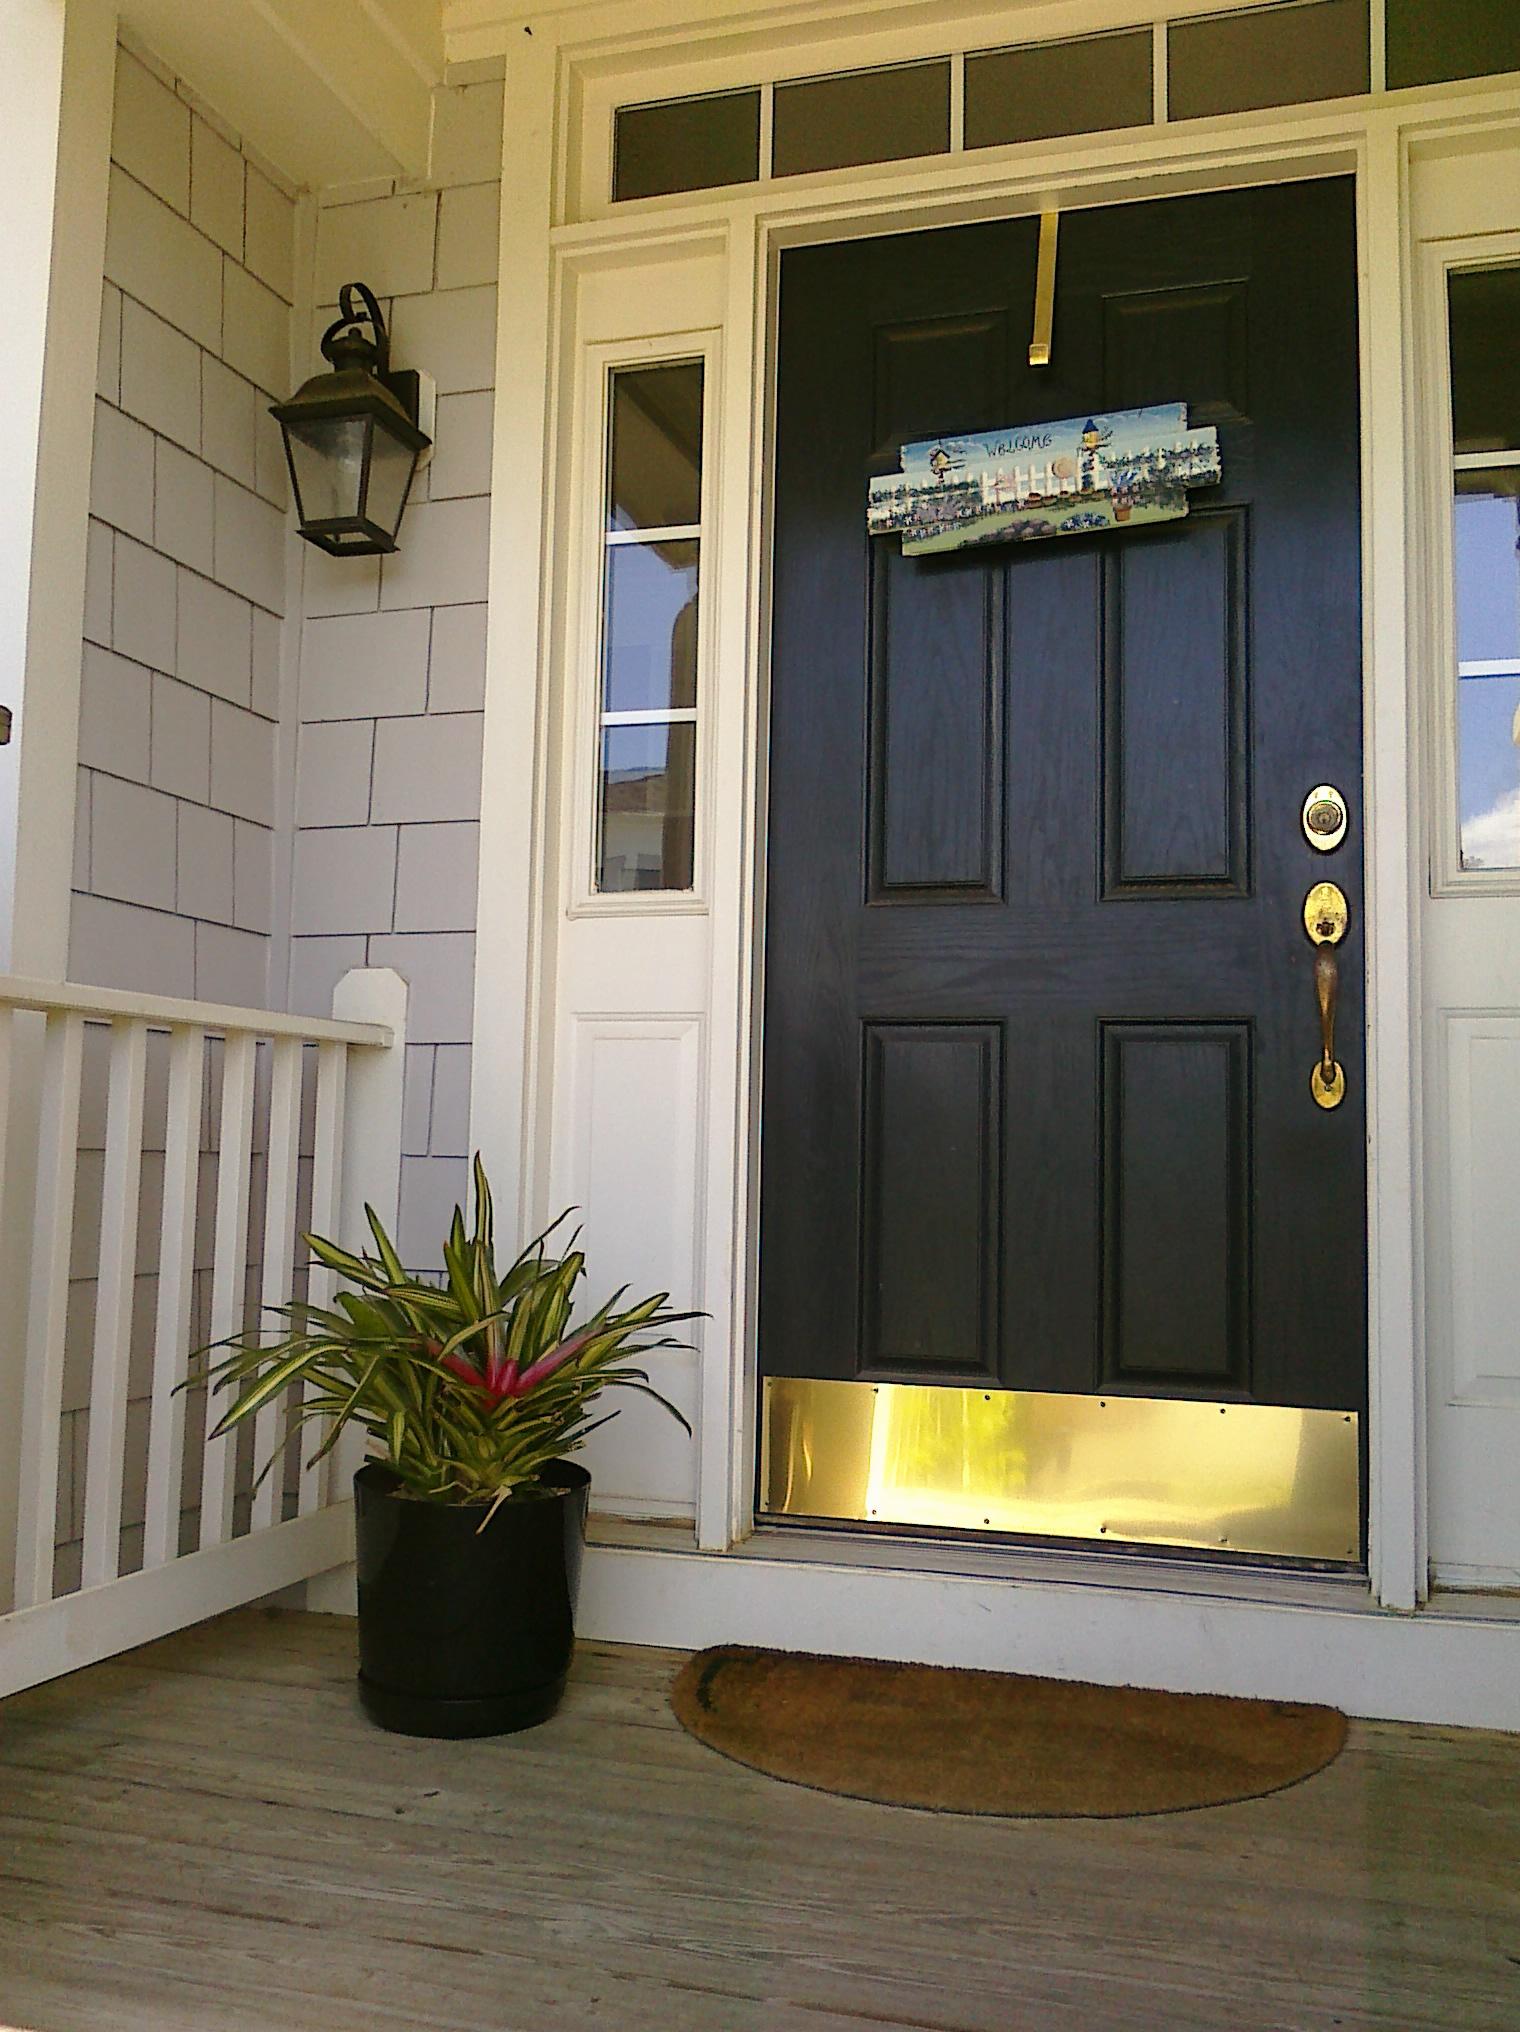 Front Door. (Credit: Heather Elias/Flickr)